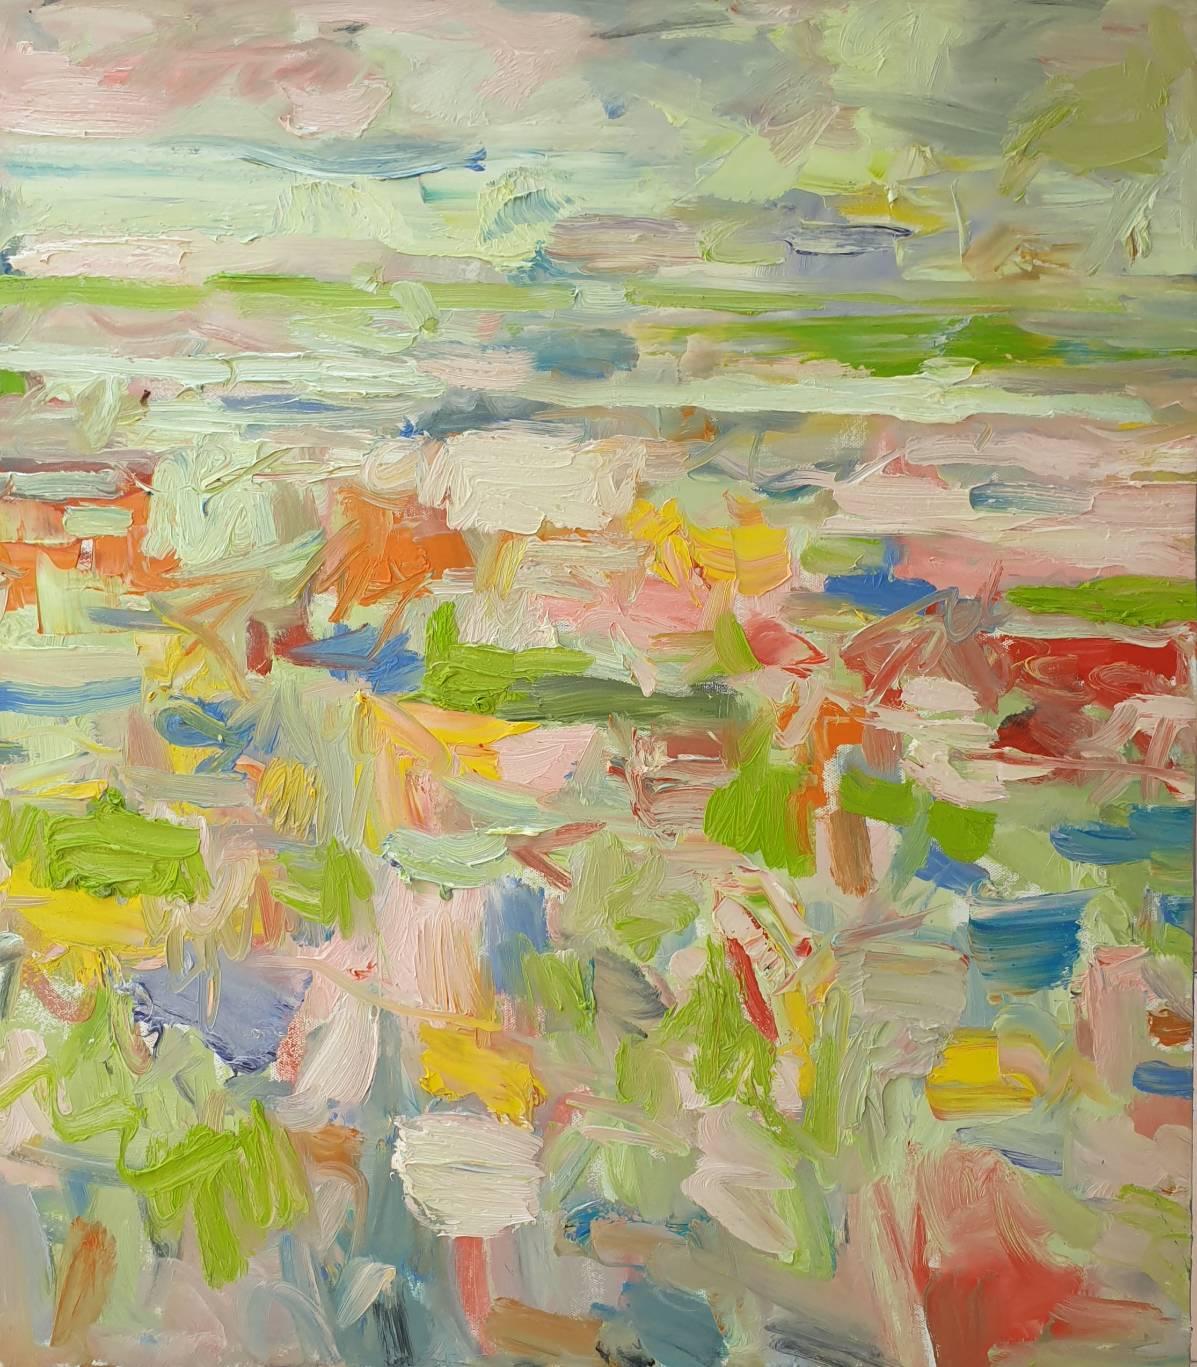 Summer 1/2019 70×80 cm. Oil on canvas